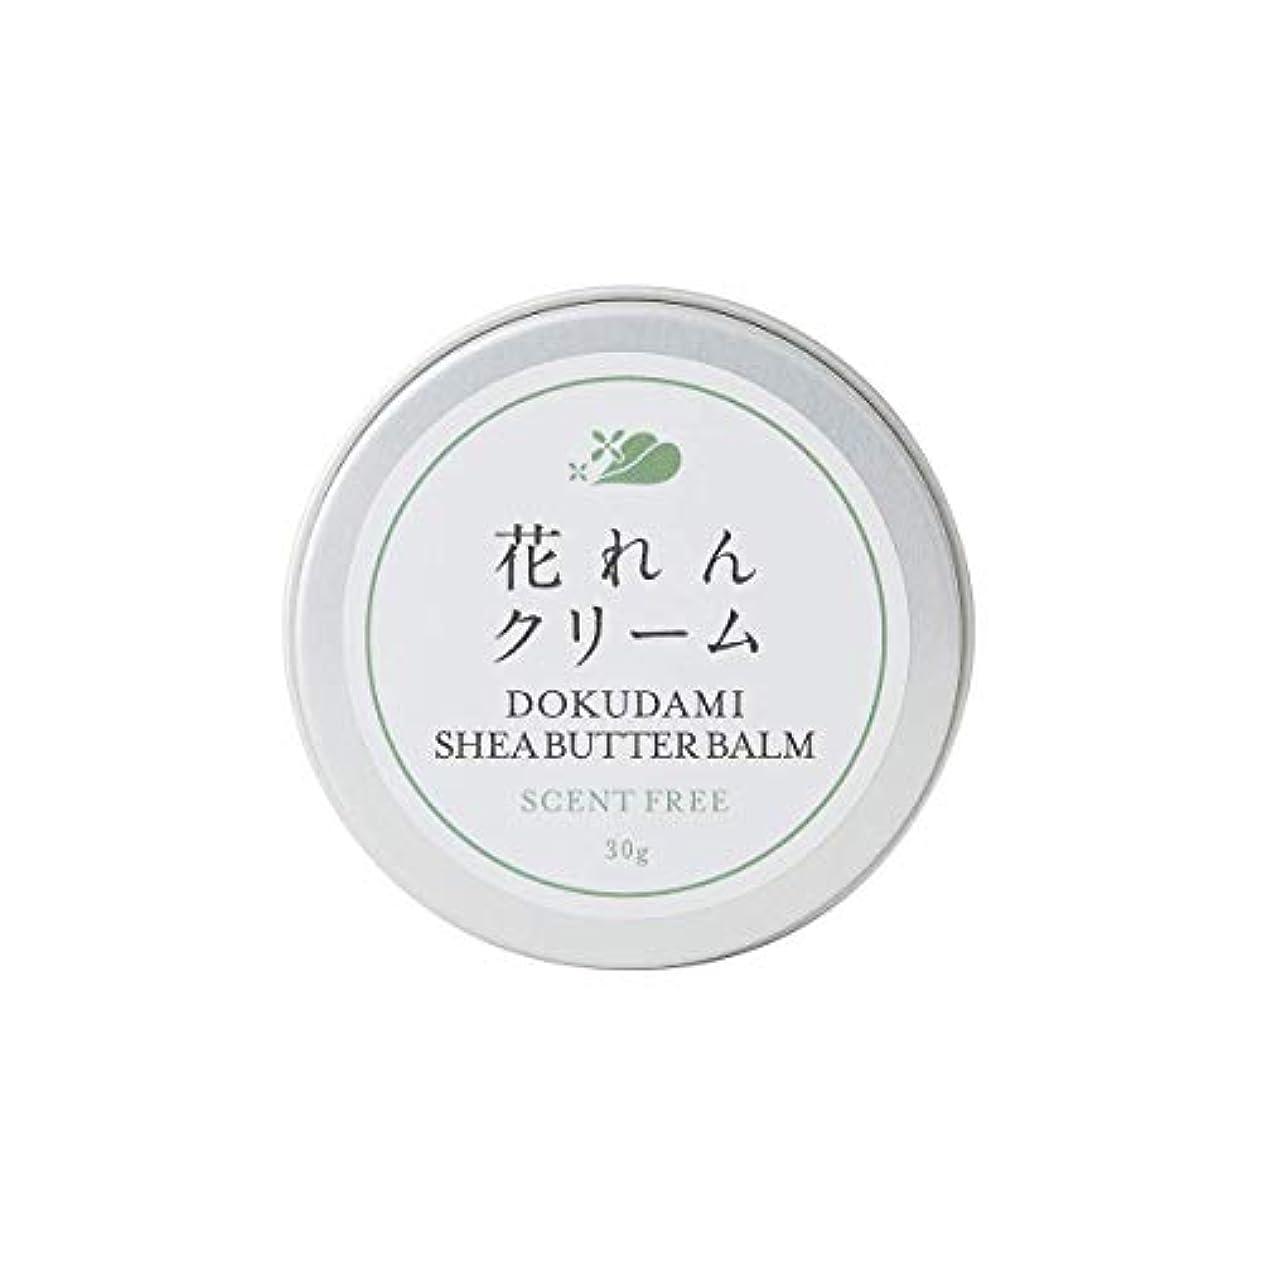 叙情的なタイマー北米どくだみシアバタークリーム(ハードタイプ?無香料) 30g